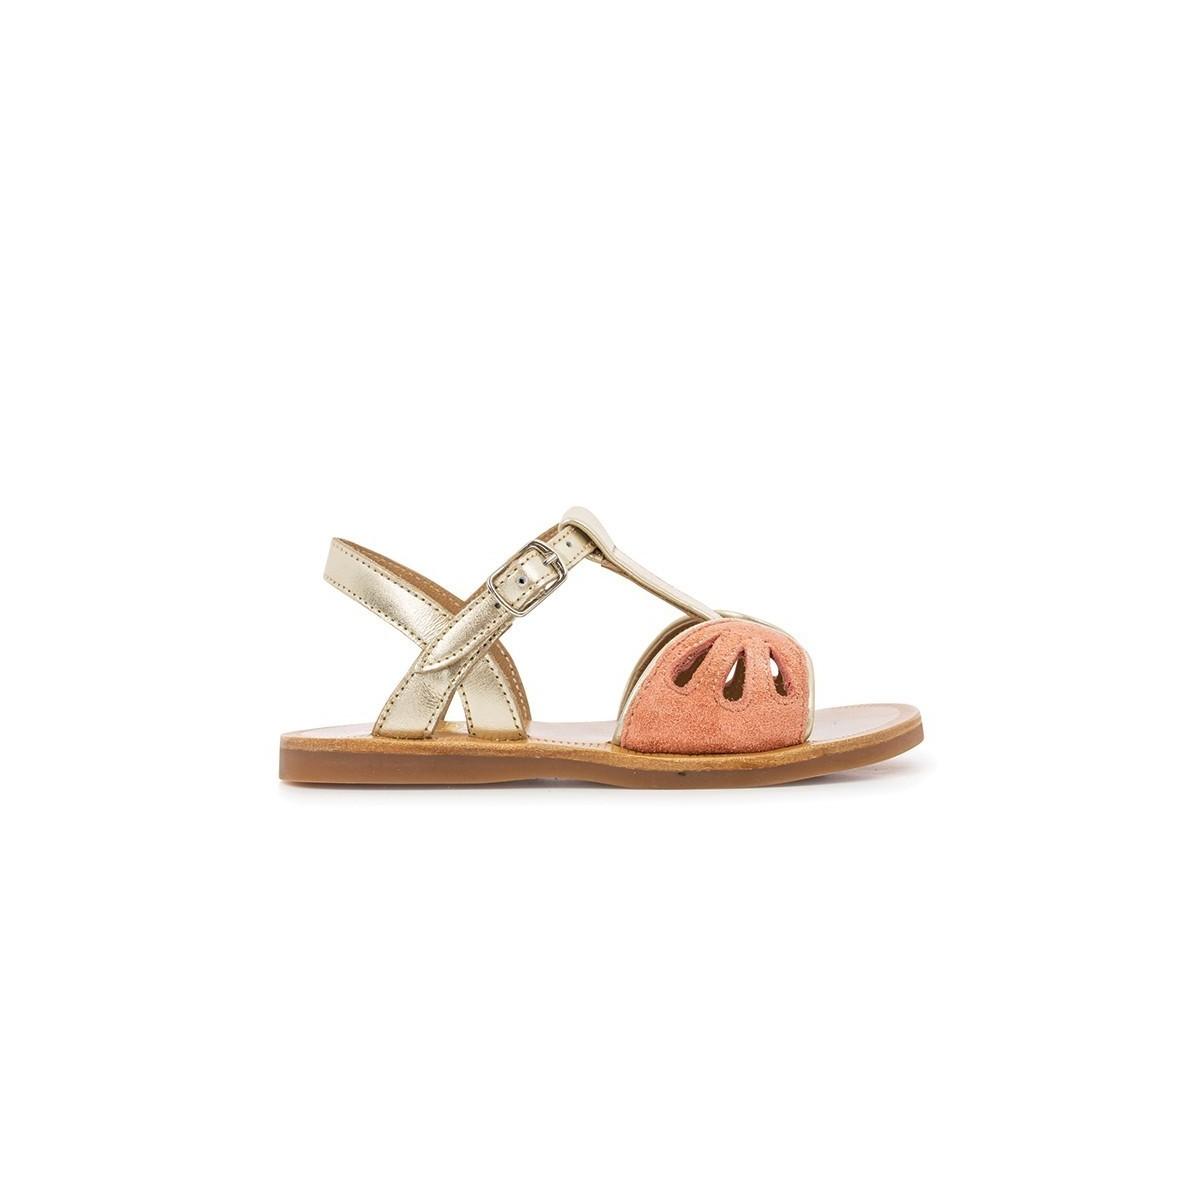 Sandale Plagette Daisy Laminato/Corail/PlatinE